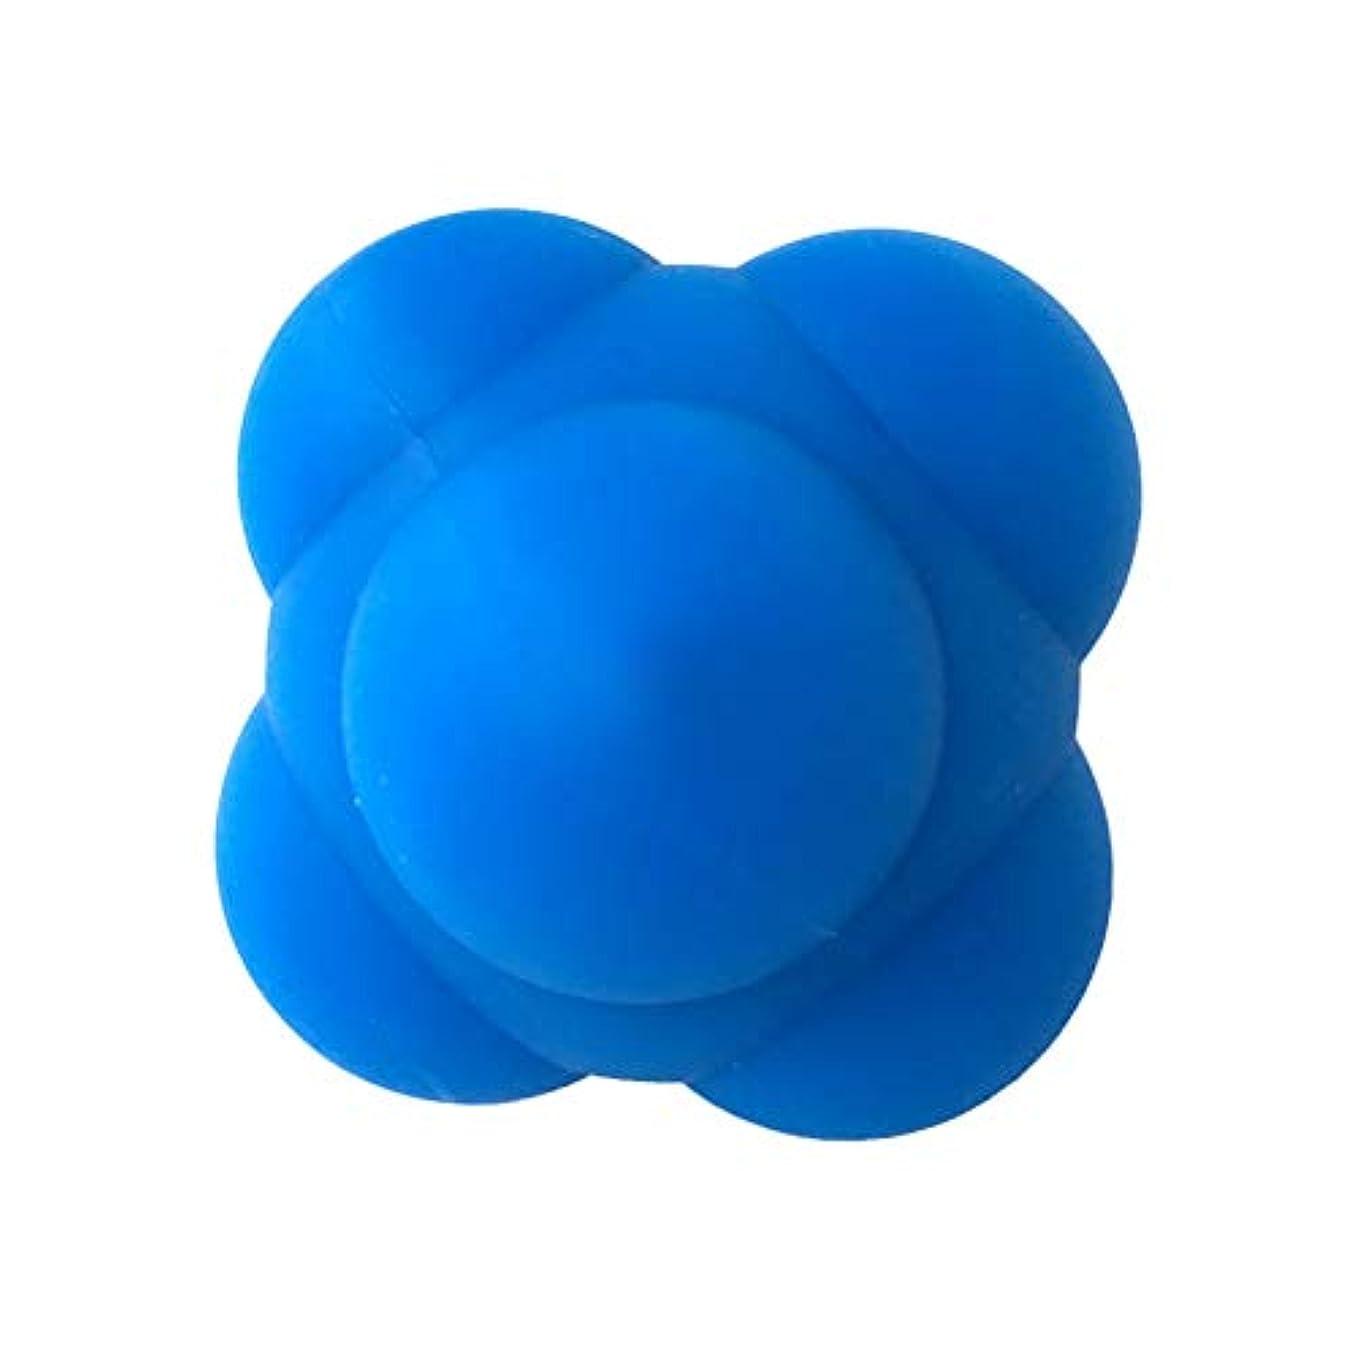 バケットバース意外Healifty シリコントレーニングボールフィットネスリアクションエクササイズボール速さと敏捷性トレーニングボール(青/ 6cm)